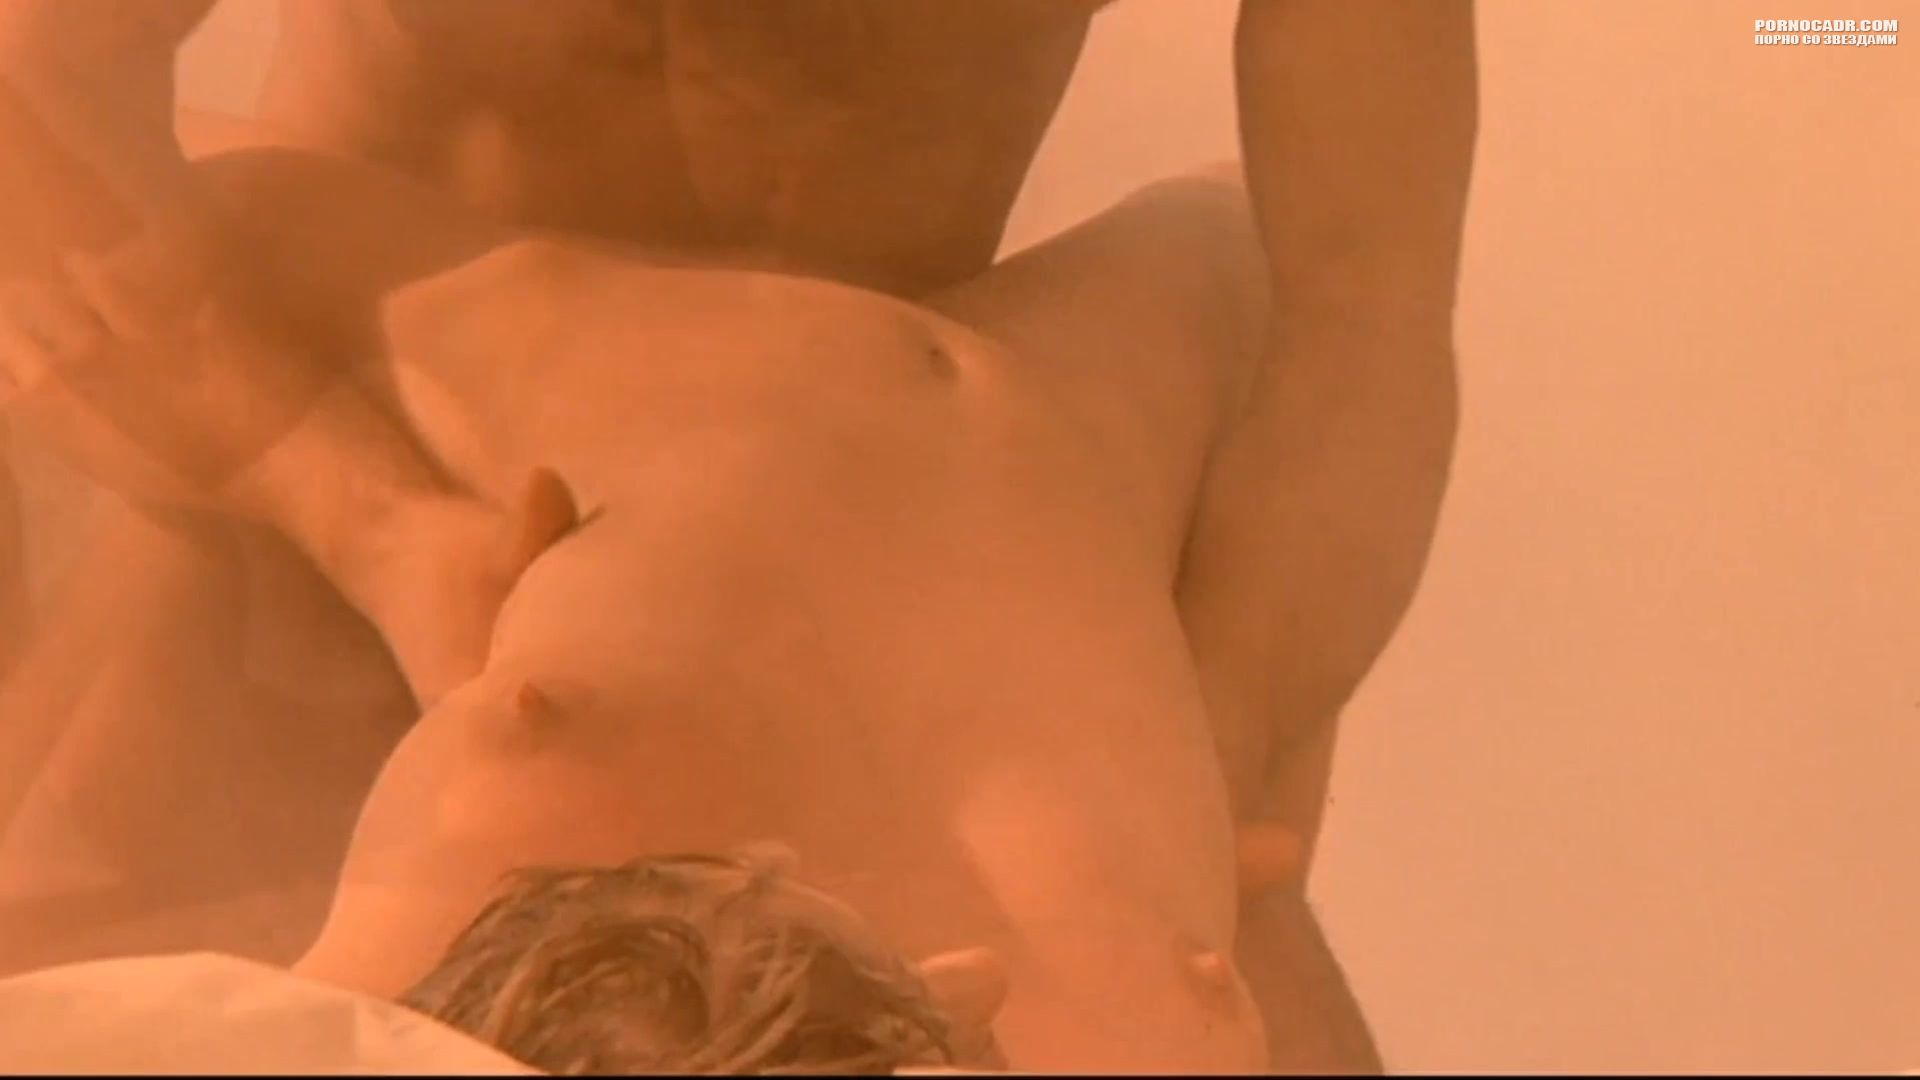 Бо дерек эротические сцены в кино что поживем